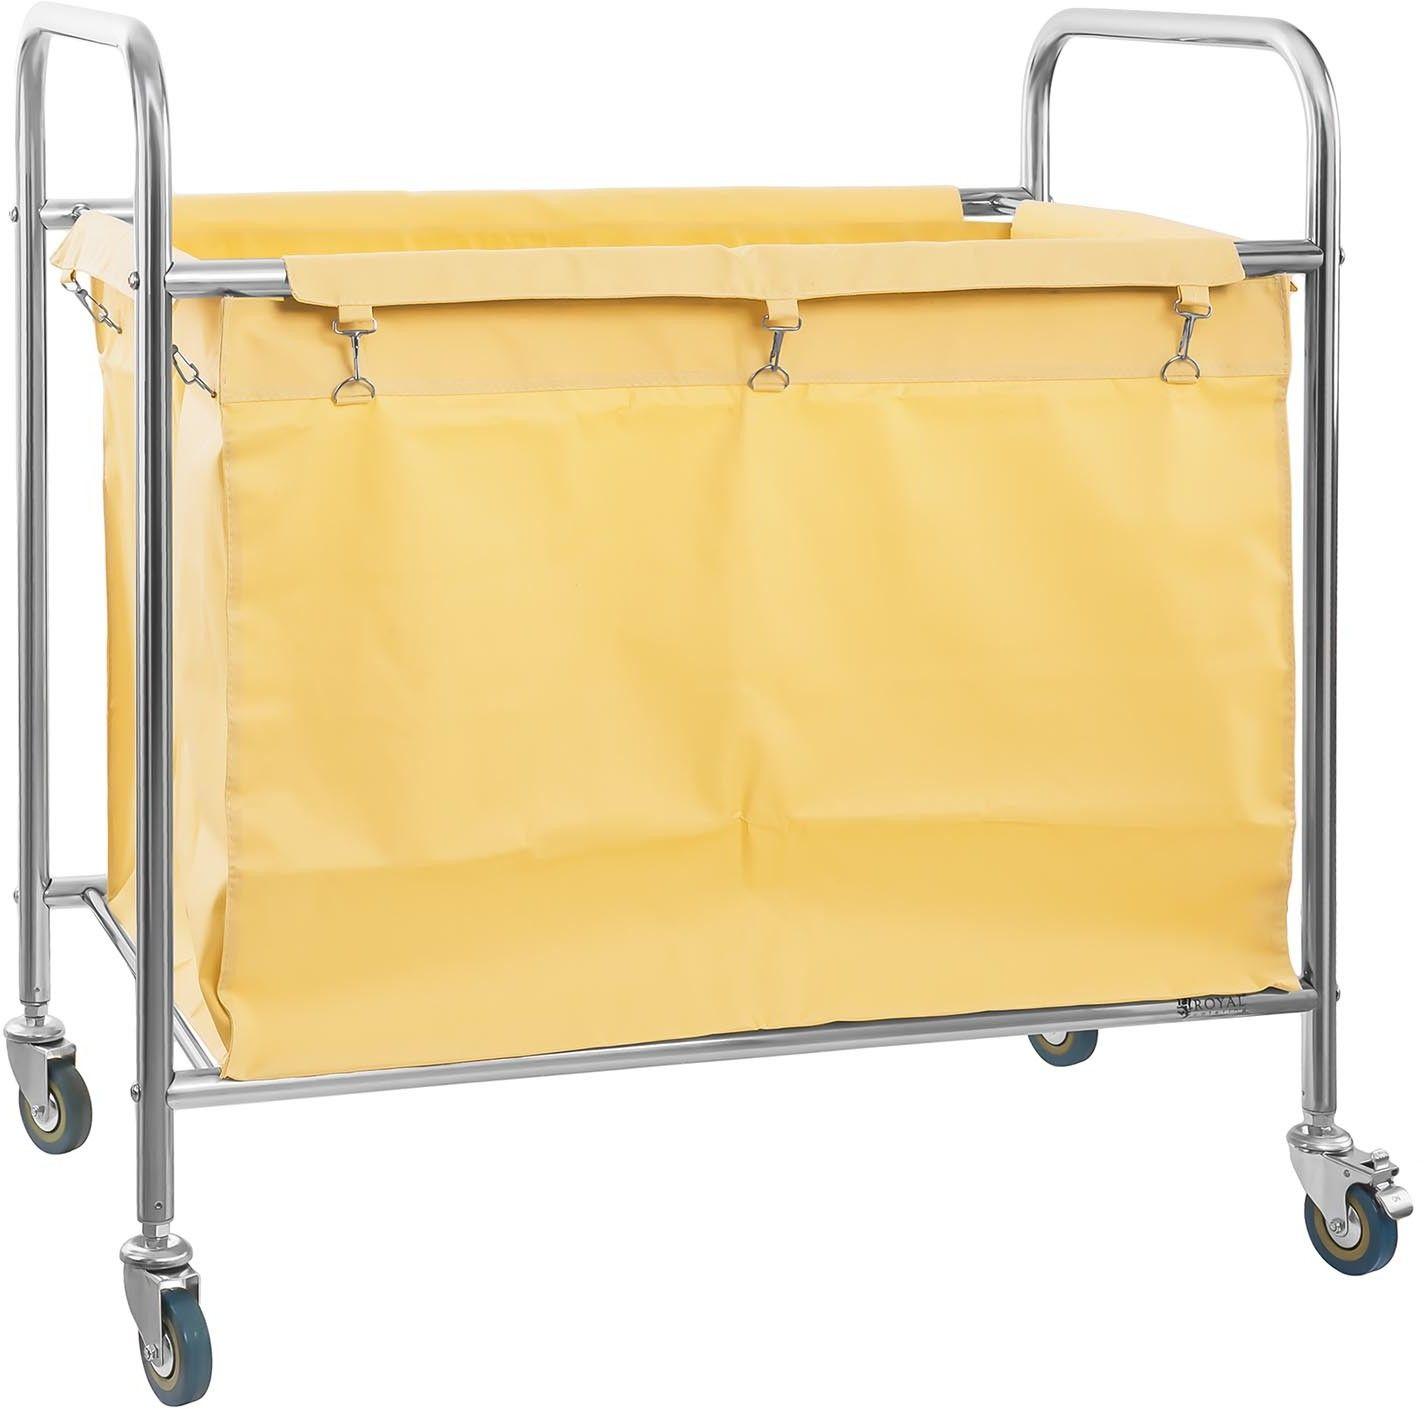 Wózek na pranie Royal Catering RCWW 1 250l - RCWW 1 - 3 LATA GWARANCJI / WYSYŁKA W 24H ZA 0 ZŁ!